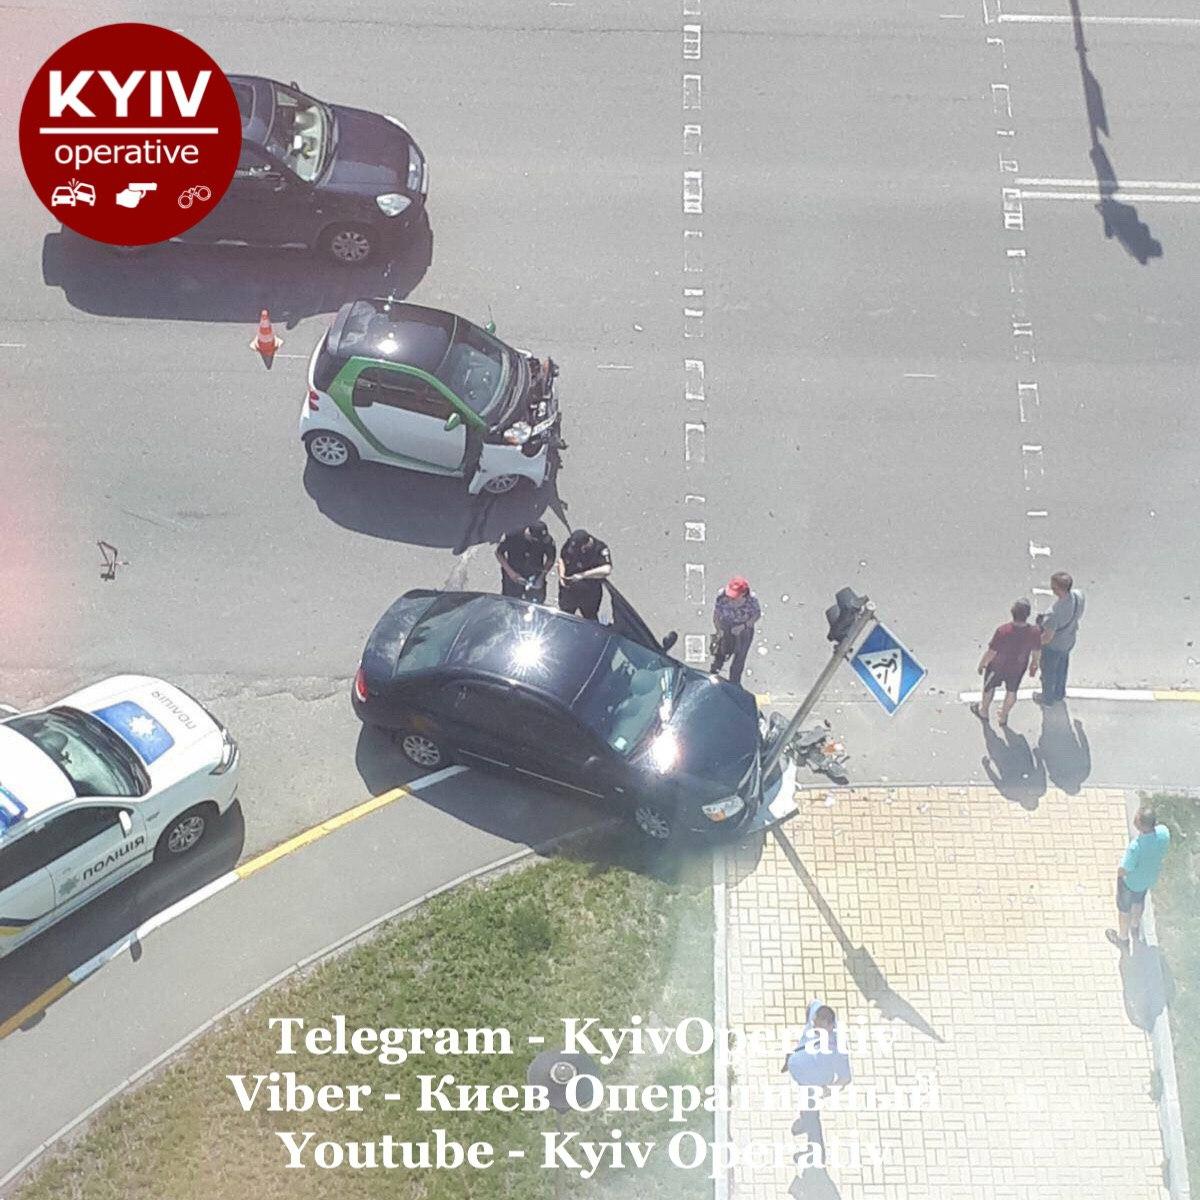 У Крюківщині водій збив дорожній знак - Крюківщина, водії - C679FB84 2DEA 4323 B4F7 55FEF4B6627A